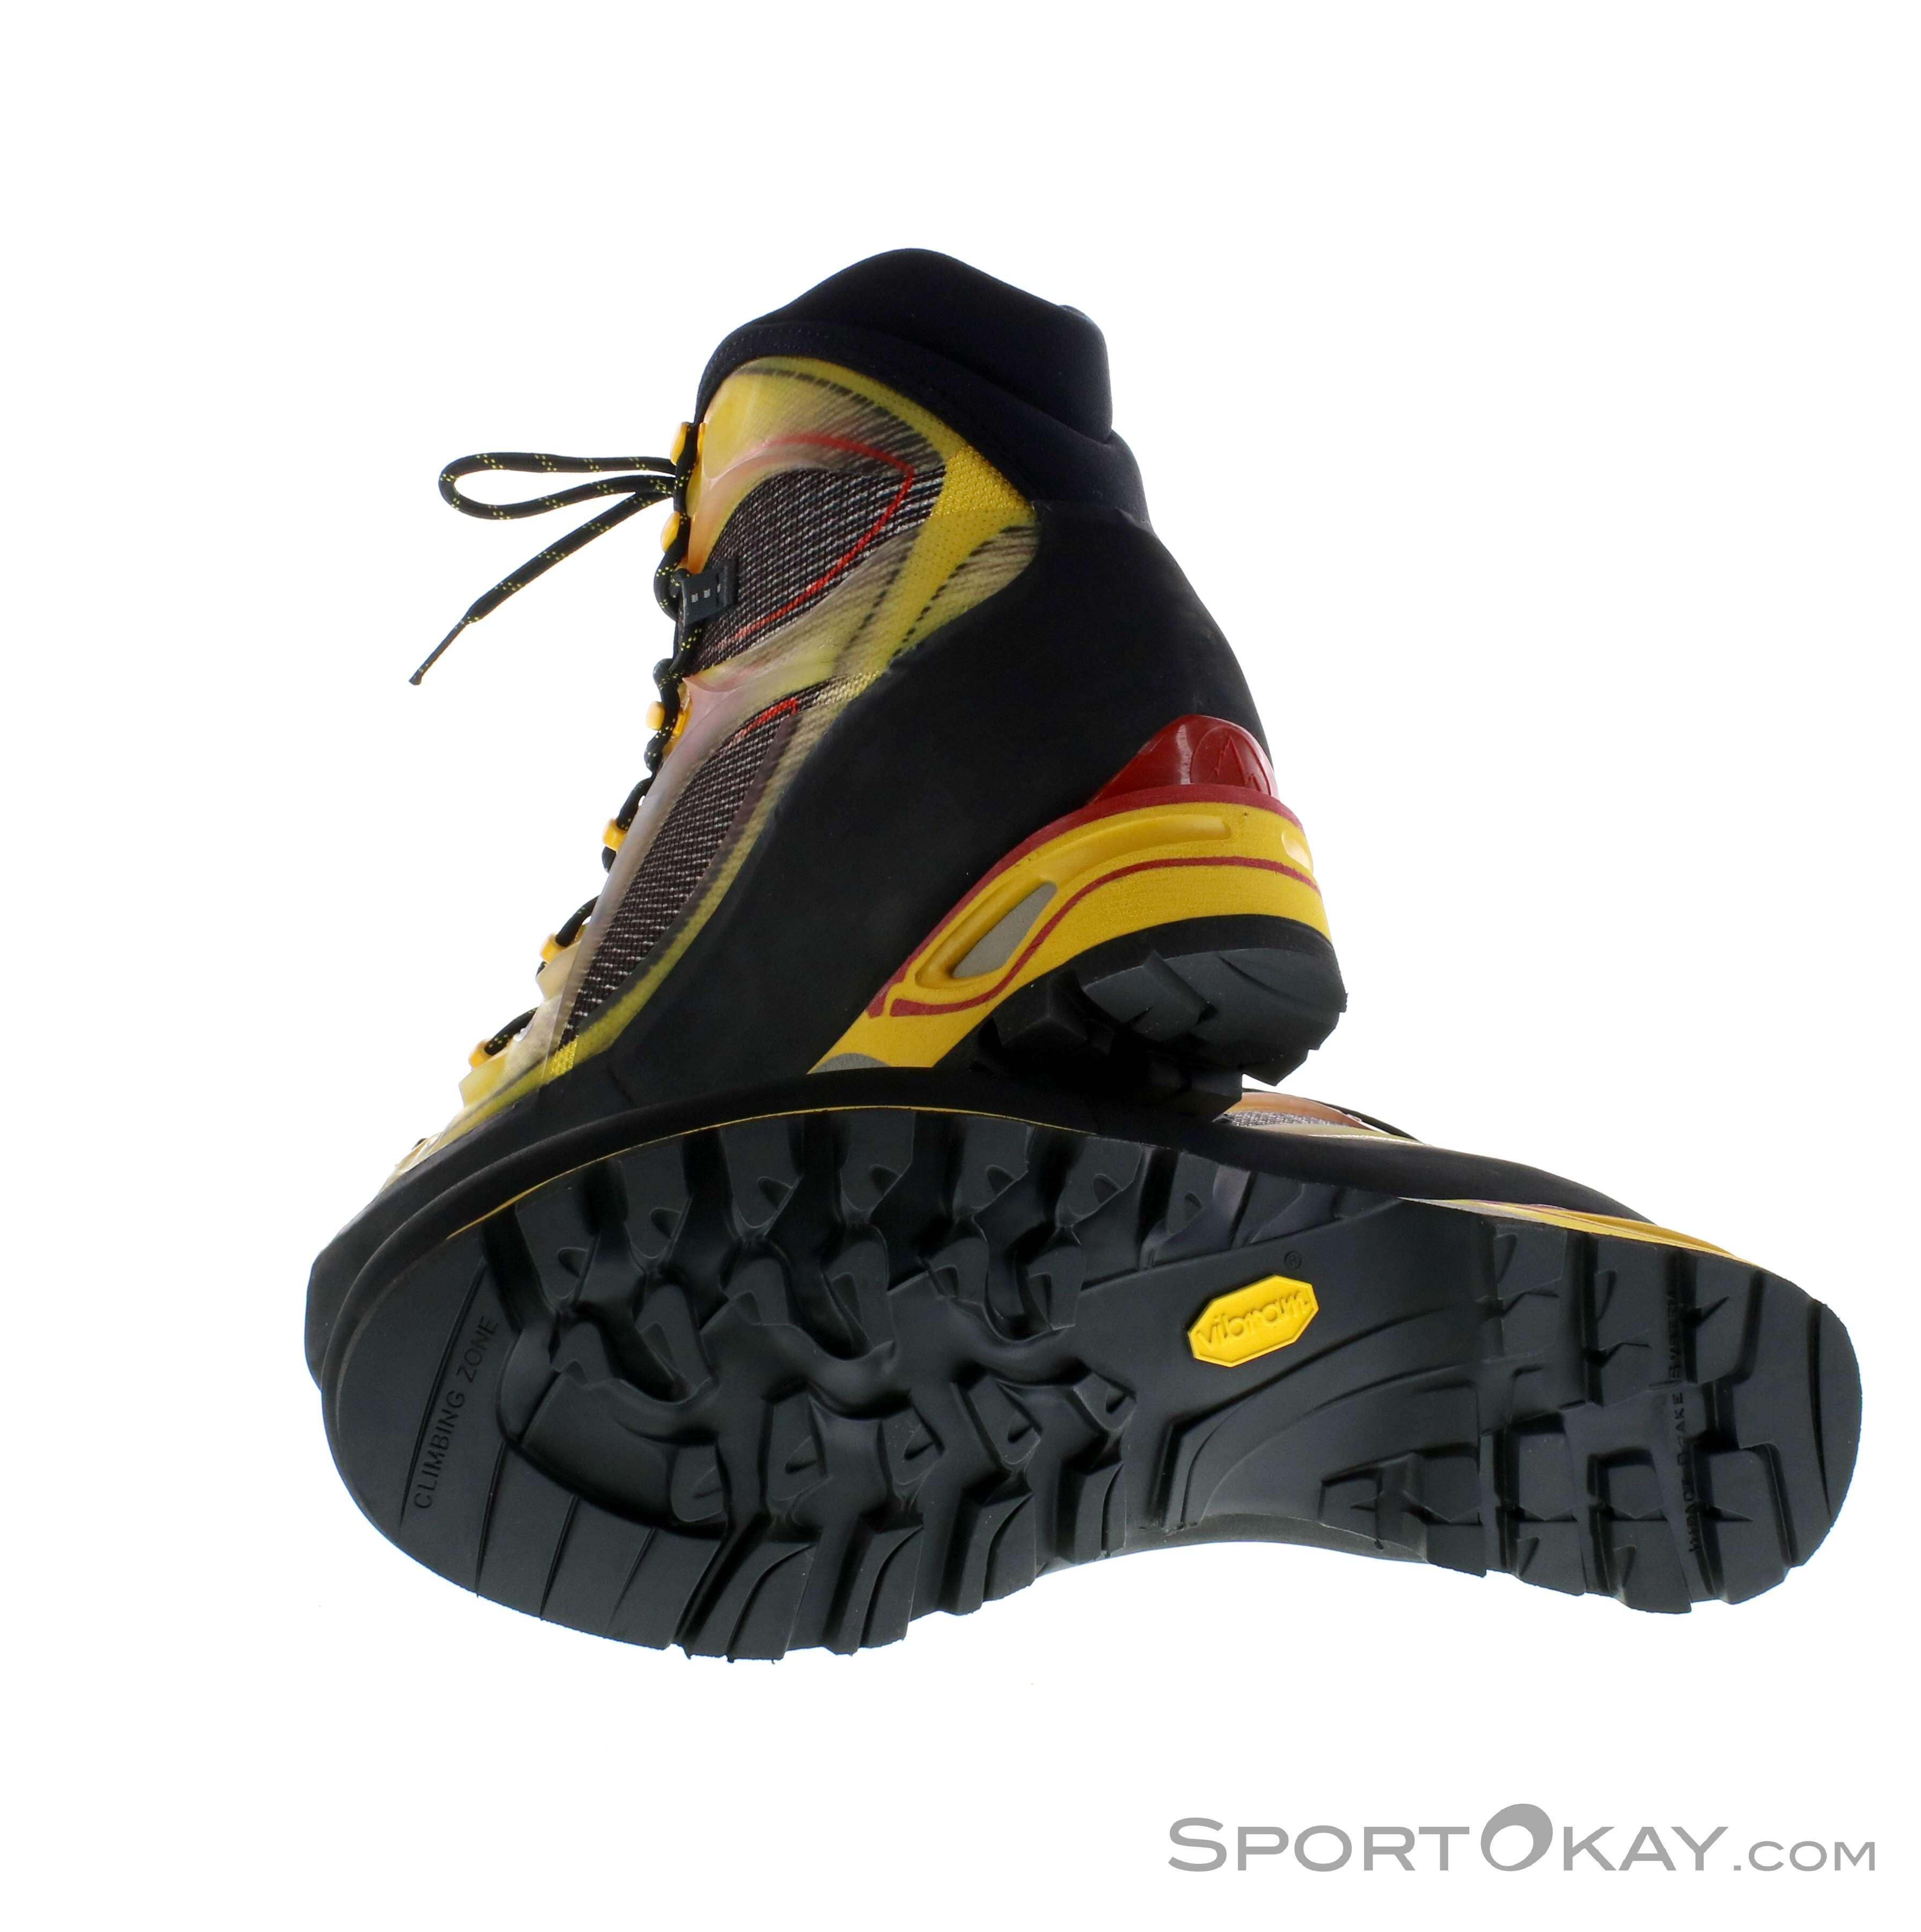 La Sportiva La Sportiva Trango Cube Mens Mountaineering Boots Gore Tex